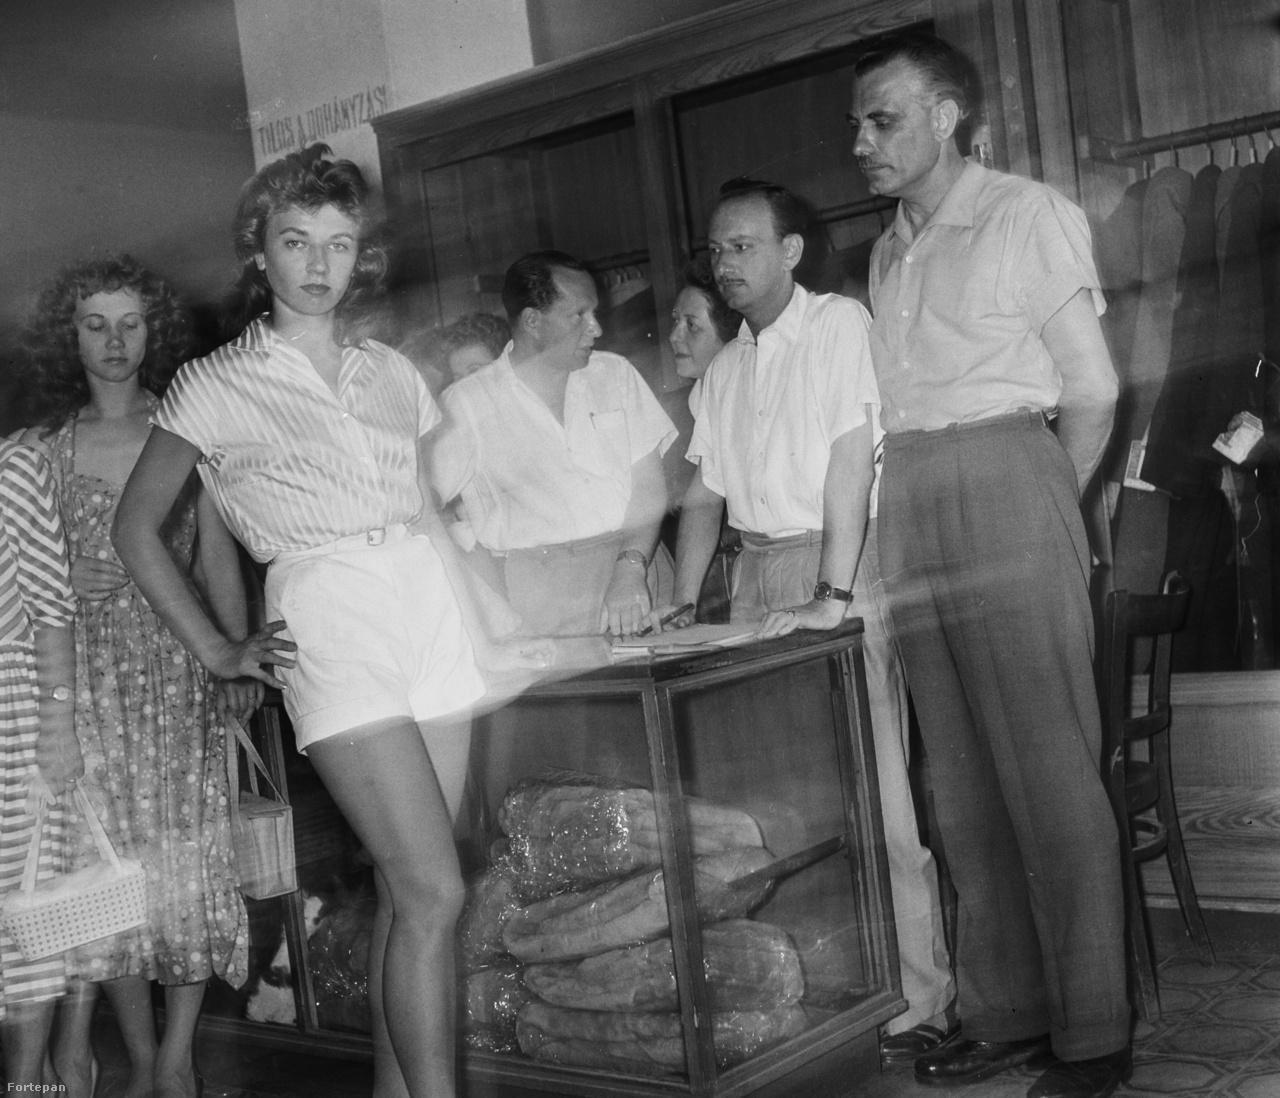 1959-ben így nézett ki egy magyar divatbemutató, konfekcióhegyek